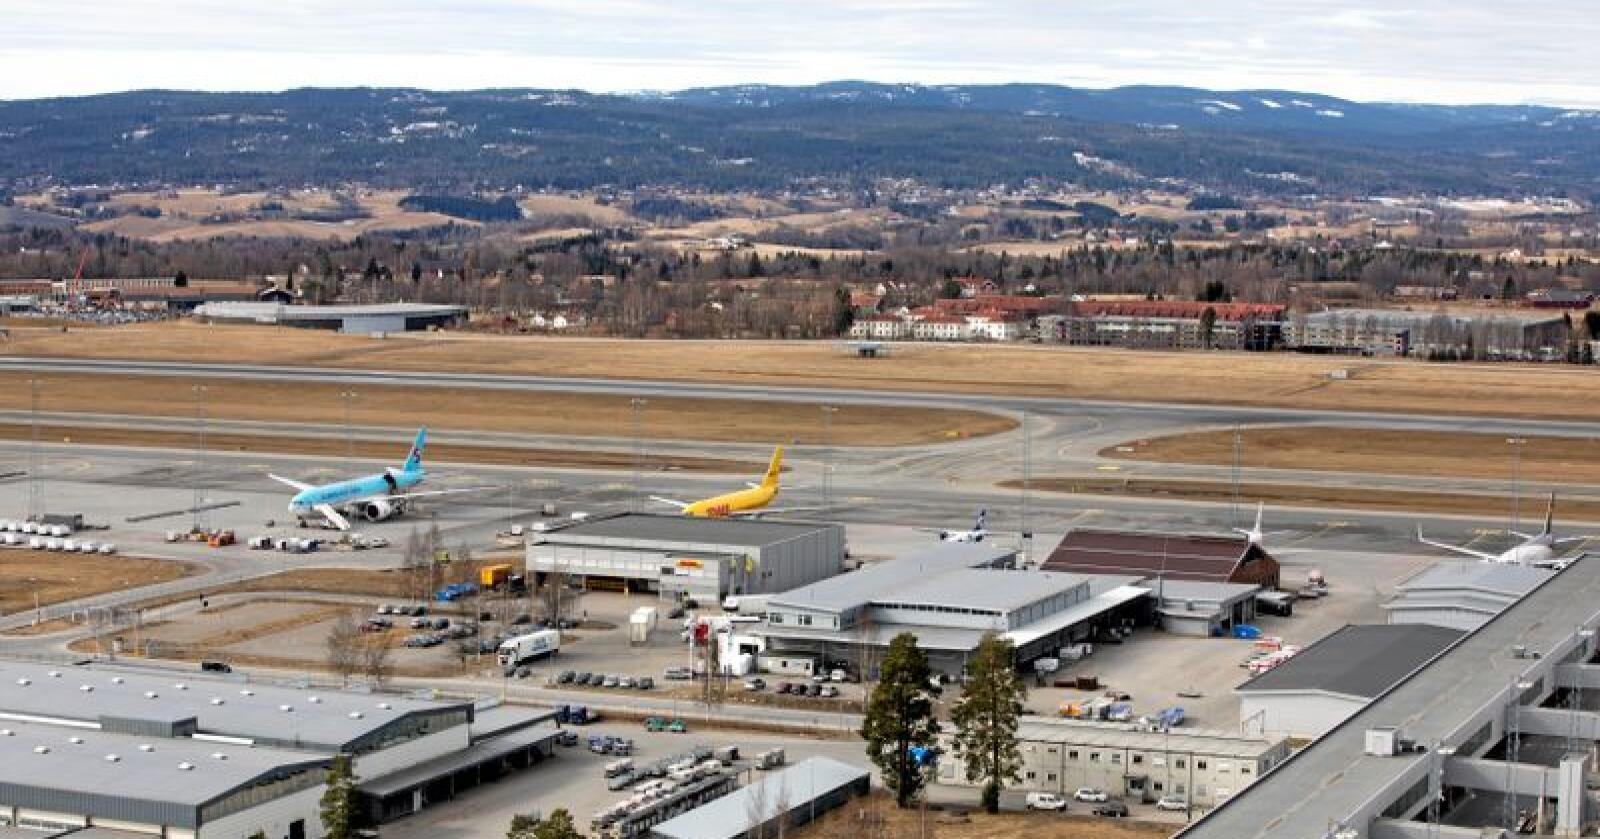 Oslo Lufthavn kan få en tredje rullebane for persontransport. Foto: Gorm Kallestad / NTB scanpix